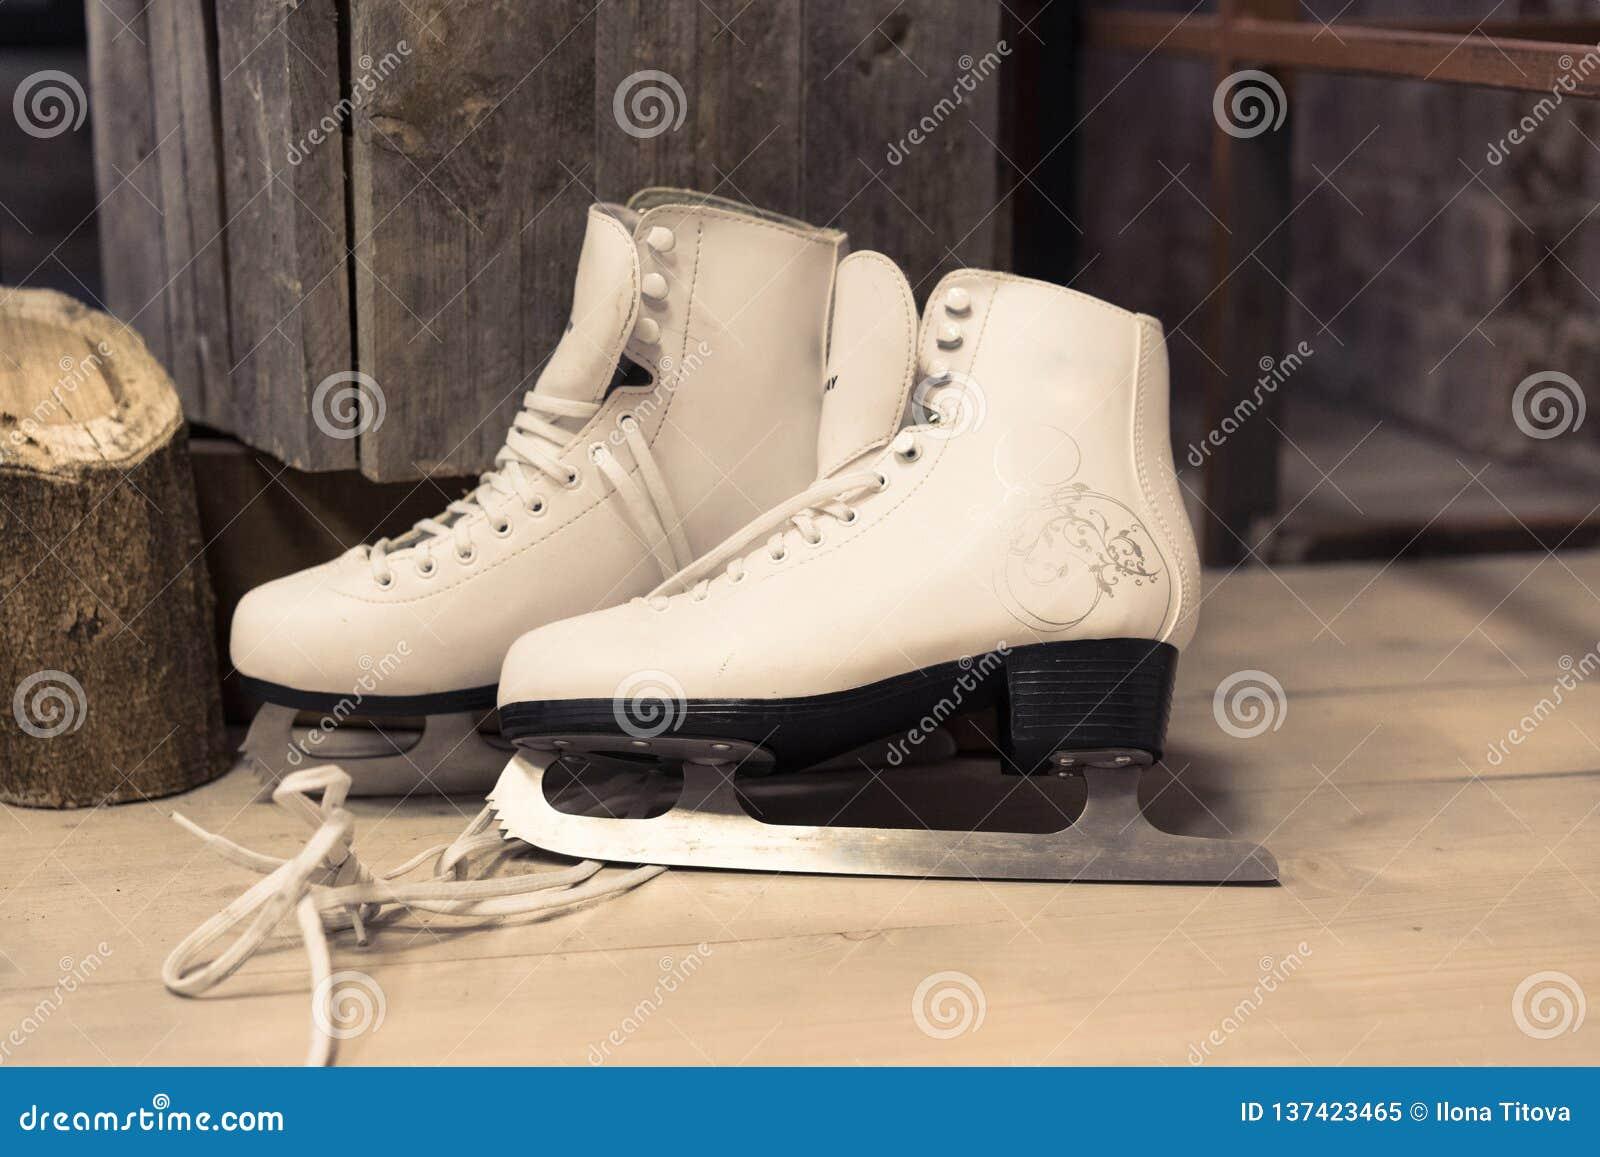 Kobiet białe łyżwy są na podłodze femininely jeździć na łyżwach sport na śnieg na zimę